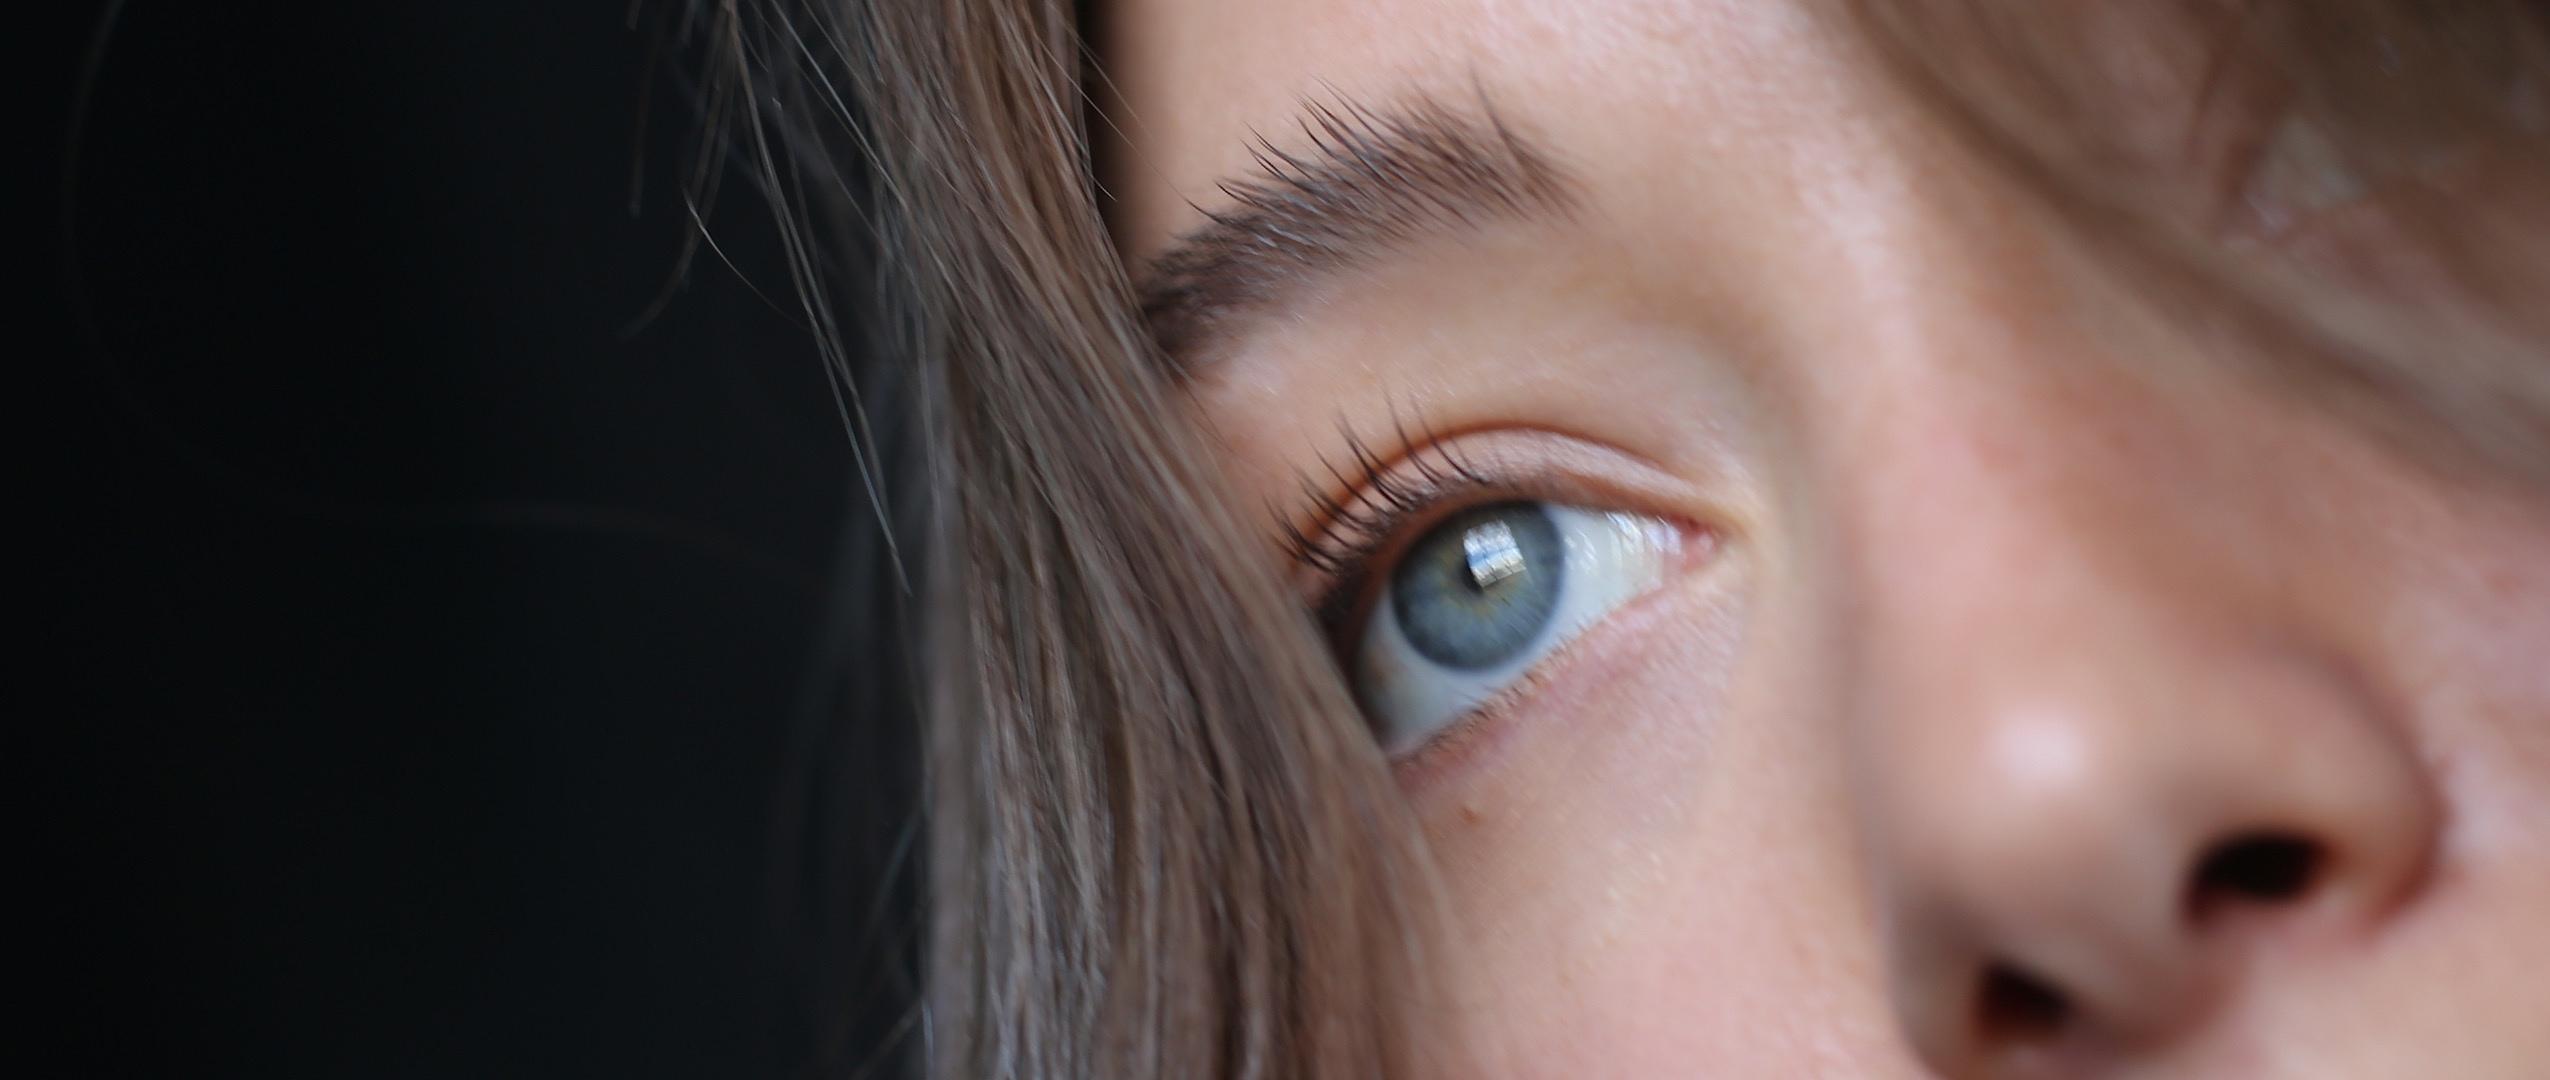 Close-up woman face